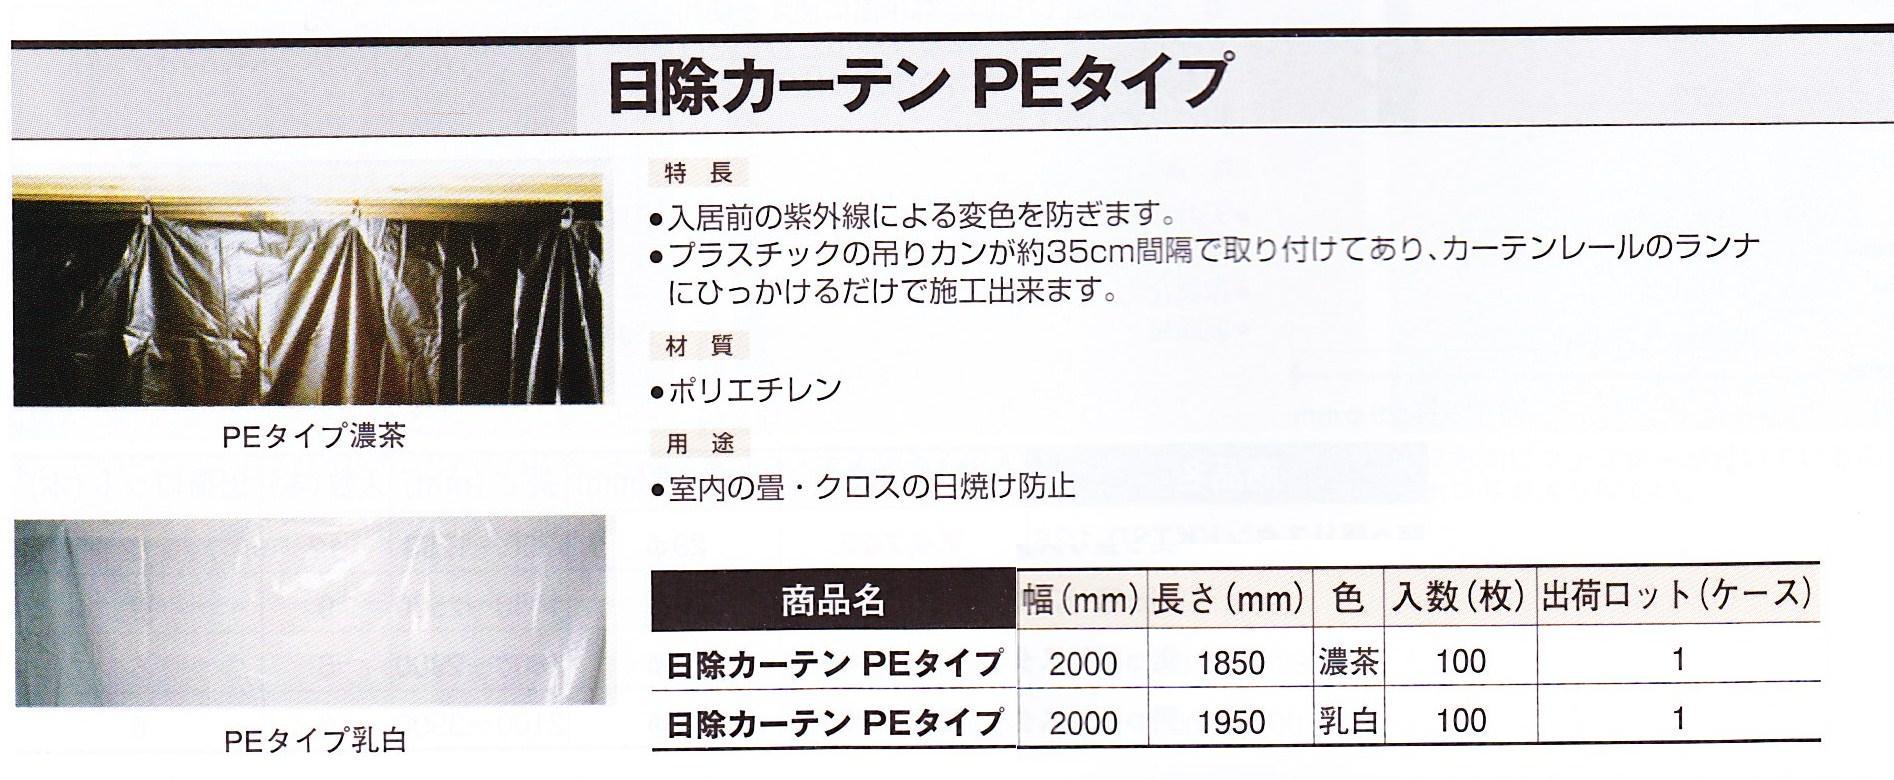 日除けカーテン(乳白)PEタイプ 送料無料!(2000mm幅×1950mm 100枚/セット)